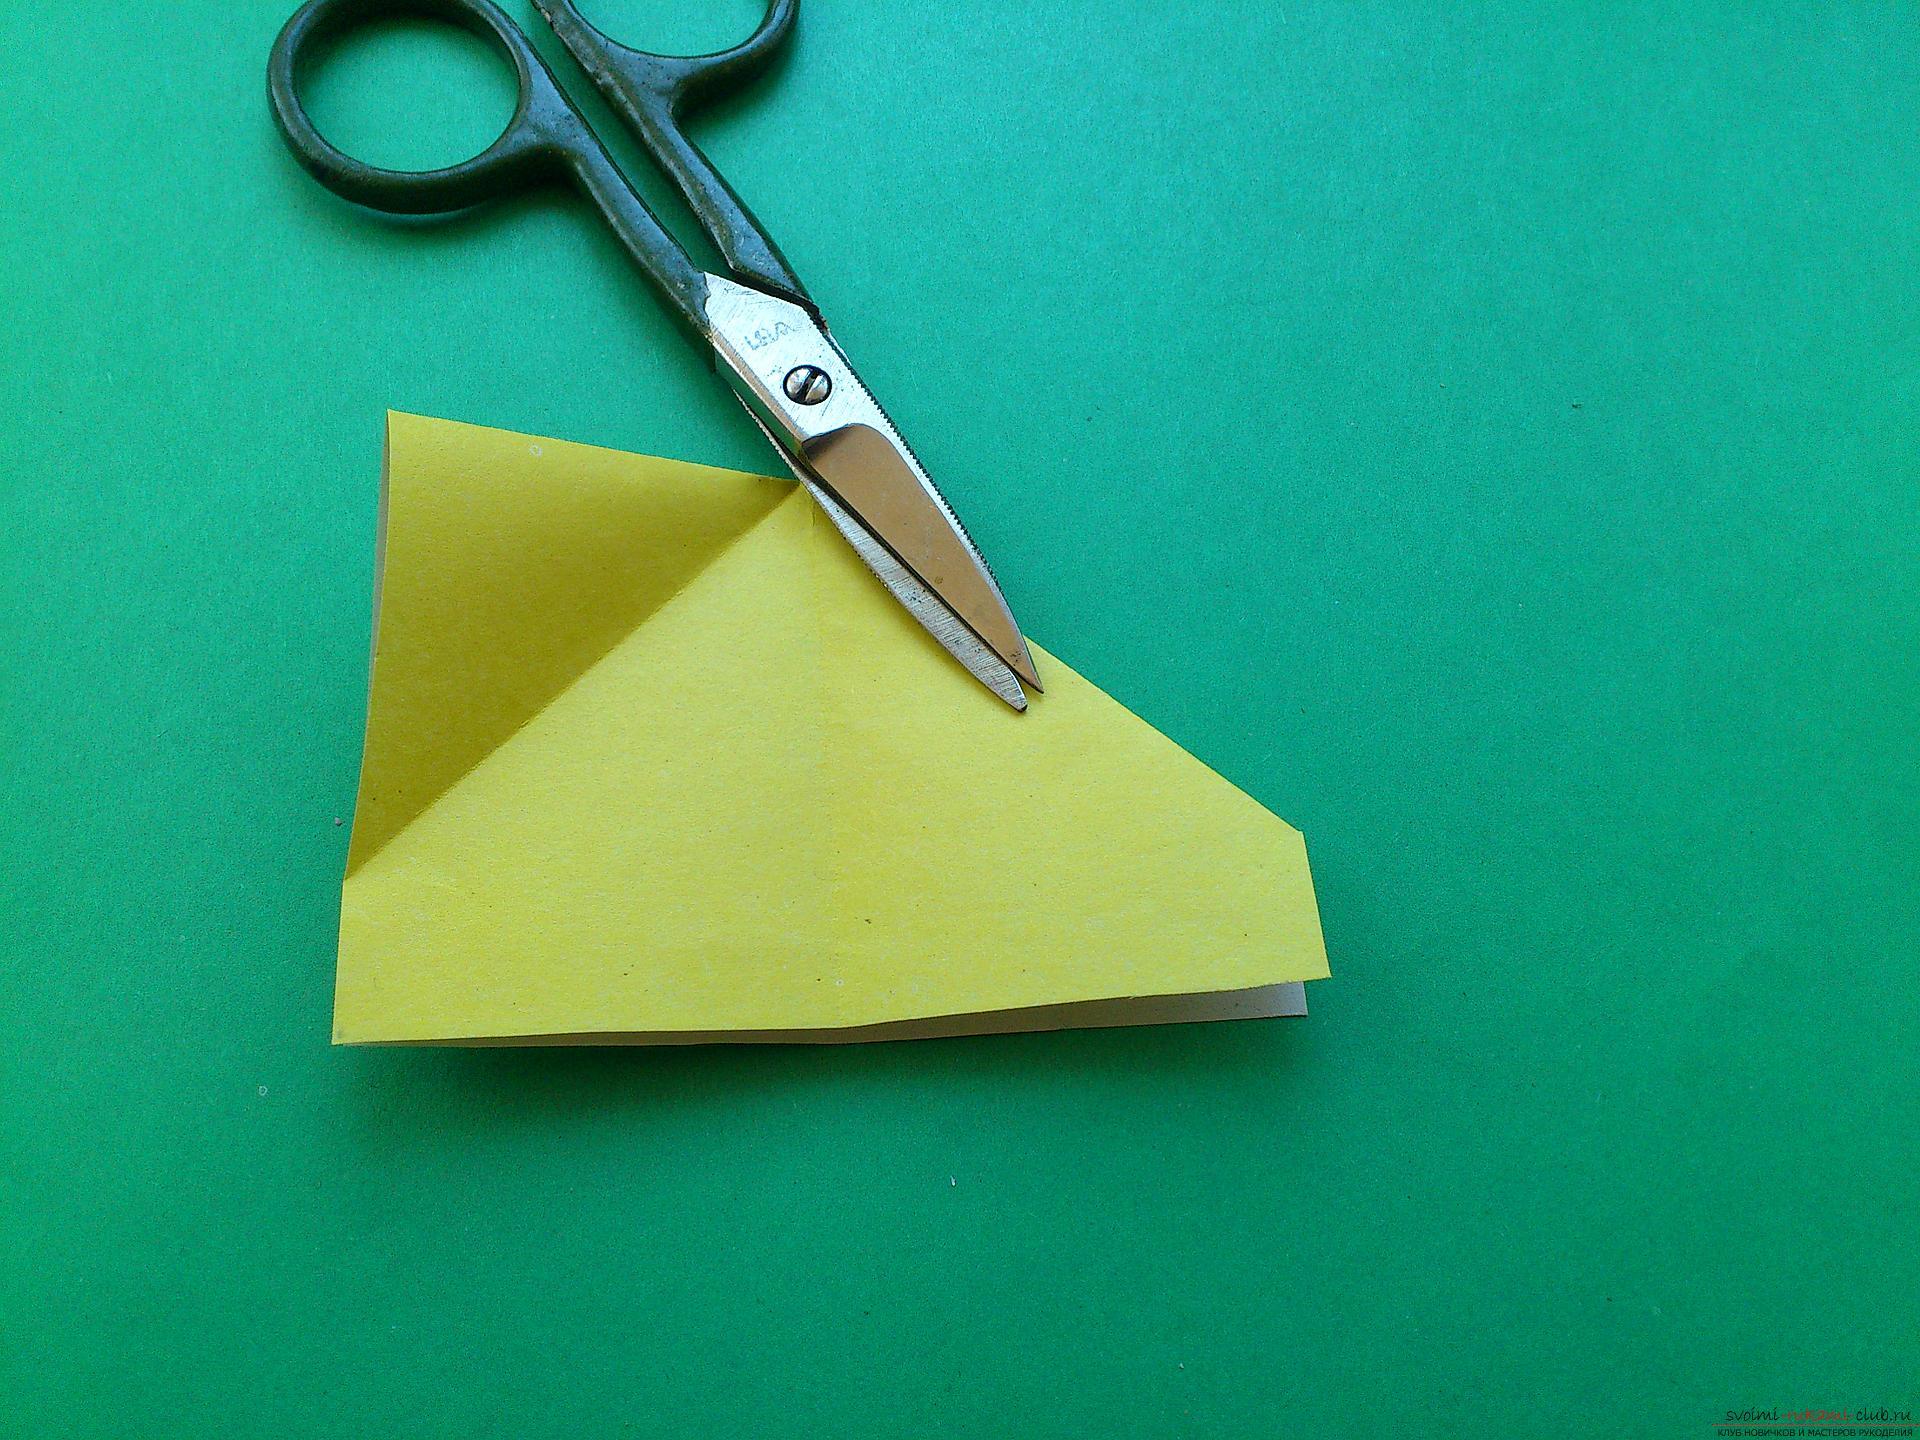 Этот подробный мастер-класс оригами из бумаги с фото и описанием научит как сделать закладку бабочку в стиле оригами.